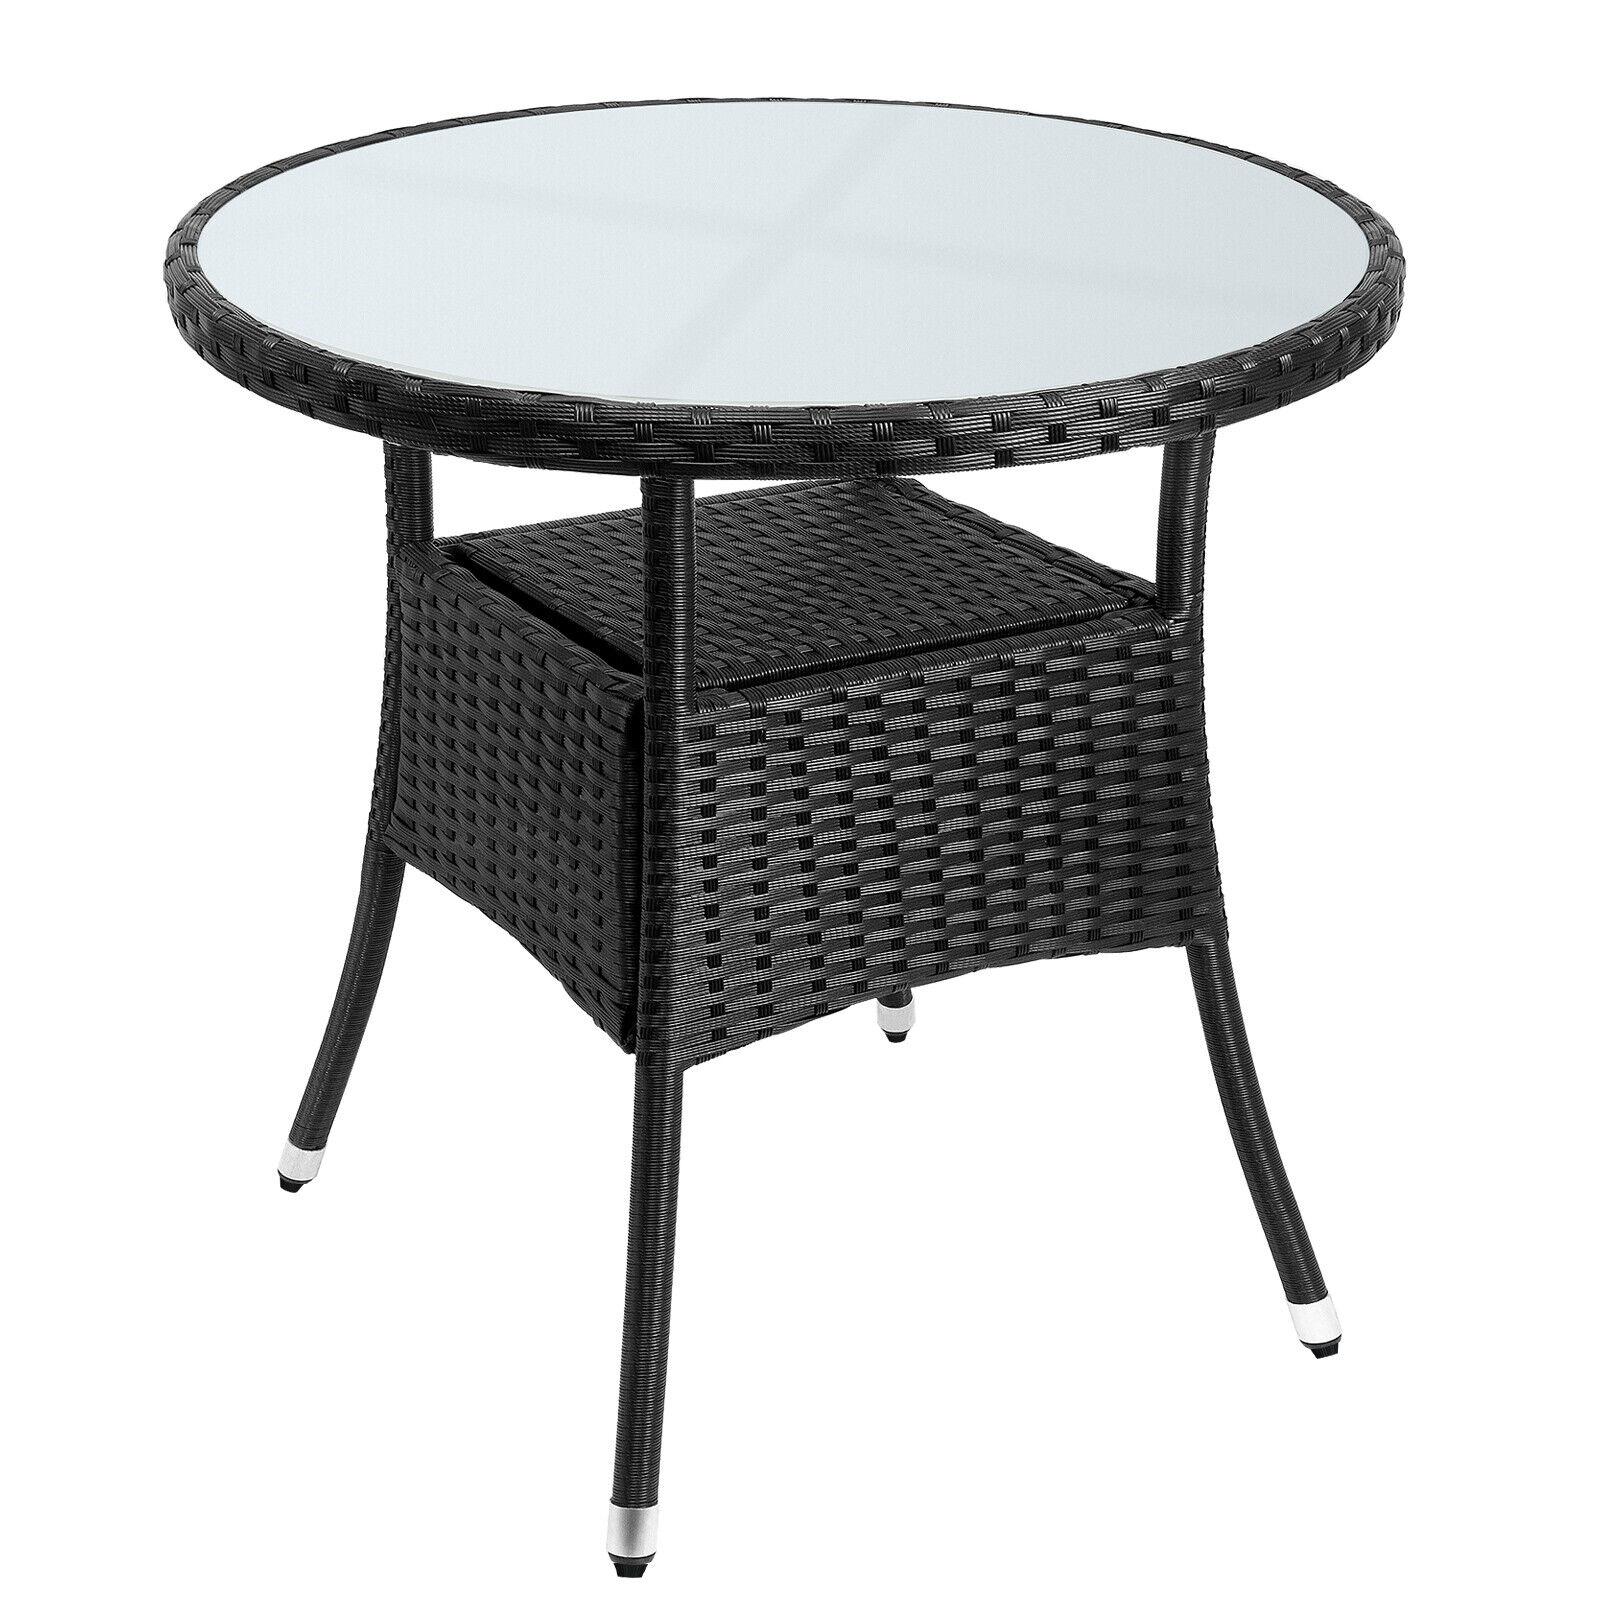 Poly Rattan Balkontisch Beistelltisch Gartentisch Gartenmöbel Rund 80 cm Schwarz